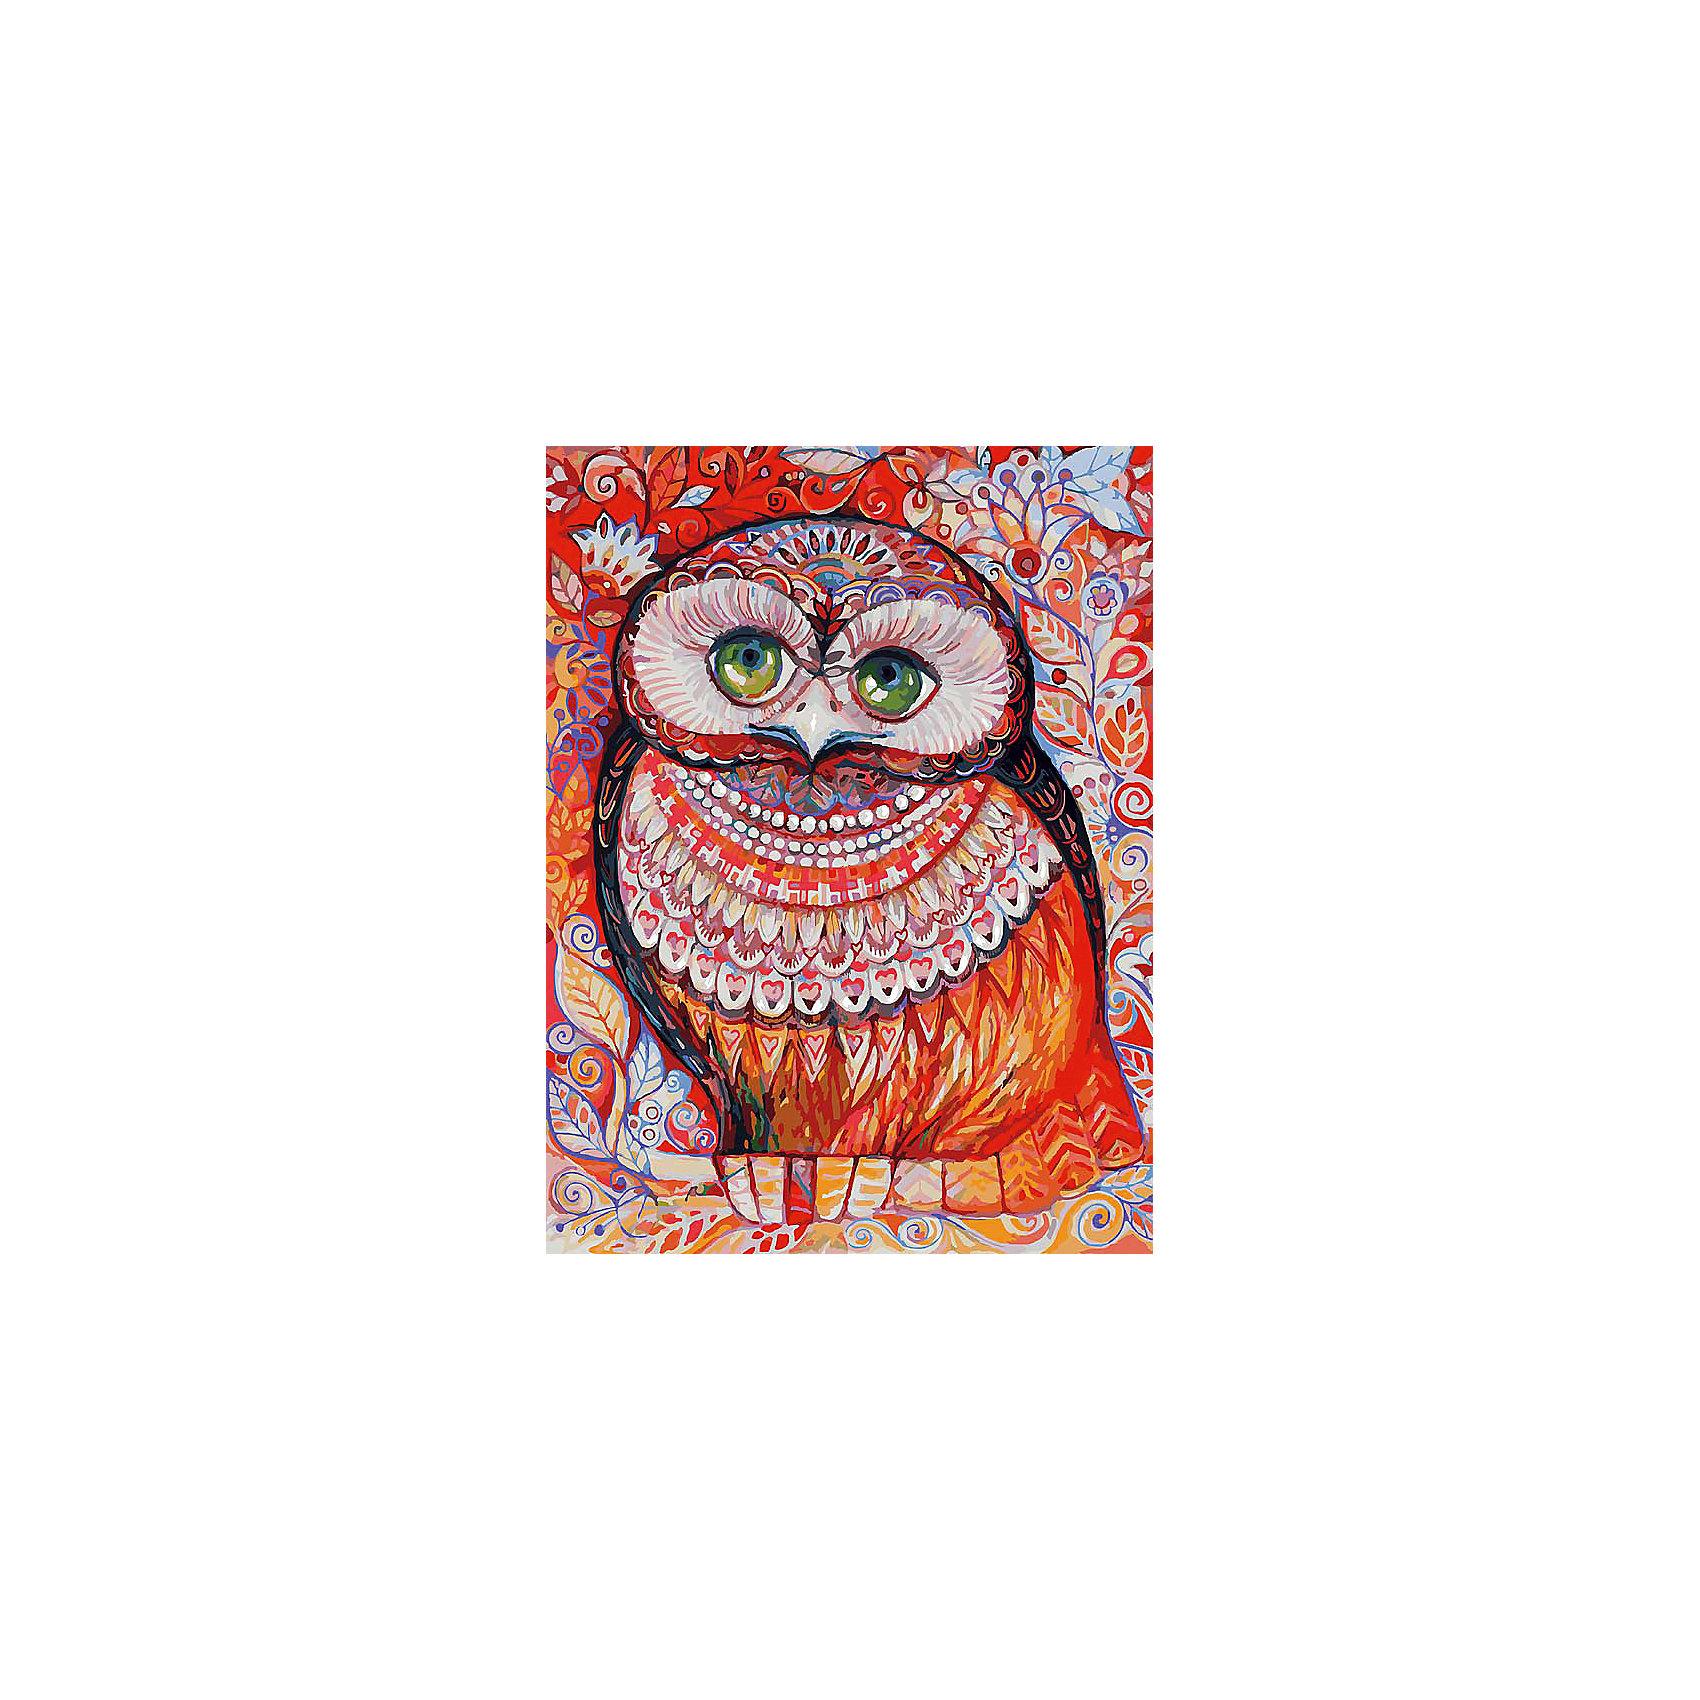 Живопись на холсте Медовая сова 30*40 смРисование<br>Характеристики товара:<br><br>• цвет: разноцветный<br>• материал: акрил, картон<br>• размер: 30 x 40 см<br>• комплектация: полотно на подрамнике с контурами рисунка, пробный лист с рисунком, набор акриловых красок, три кисти, крепление на стену для картины<br>• для детей от шести лет и взрослых<br>• не требует специальных навыков<br>• страна бренда: Китай<br>• страна изготовитель: Китай<br><br>Рисование - это занятие, которое любят многие дети и взрослые. Оно помогает развить важные навыки и просто приносит удовольствие! Чтобы вселить в ребенка уверенность в своих силах, можно предложить ему этот набор - в нем уже есть сюжет, контуры рисунка и участки с номерами, которые обозначают определенную краску из набора. Все оттенки уже готовы, задача художника - аккуратно, с помощью кисточек из набора, нанести краски на определенный участок полотна.<br>Взрослым также понравится этот процесс, рисовать можно и вместе с малышом! В итоге получается красивая картина, которой можно украсить интерьер. Рисование способствует развитию мелкой моторики, воображения, цветовосприятия, творческих способностей и усидчивости. Набор отлично проработан, сделан из качественных и проверенных материалов, которые безопасны для детей. Краски - акриловые, они быстро сохнут и легко смываются с кожи.<br><br>Живопись на холсте 30*40 см Медовая сова от торговой марки Белоснежка можно купить в нашем интернет-магазине.<br><br>Ширина мм: 410<br>Глубина мм: 310<br>Высота мм: 25<br>Вес г: 567<br>Возраст от месяцев: 72<br>Возраст до месяцев: 144<br>Пол: Унисекс<br>Возраст: Детский<br>SKU: 5089659